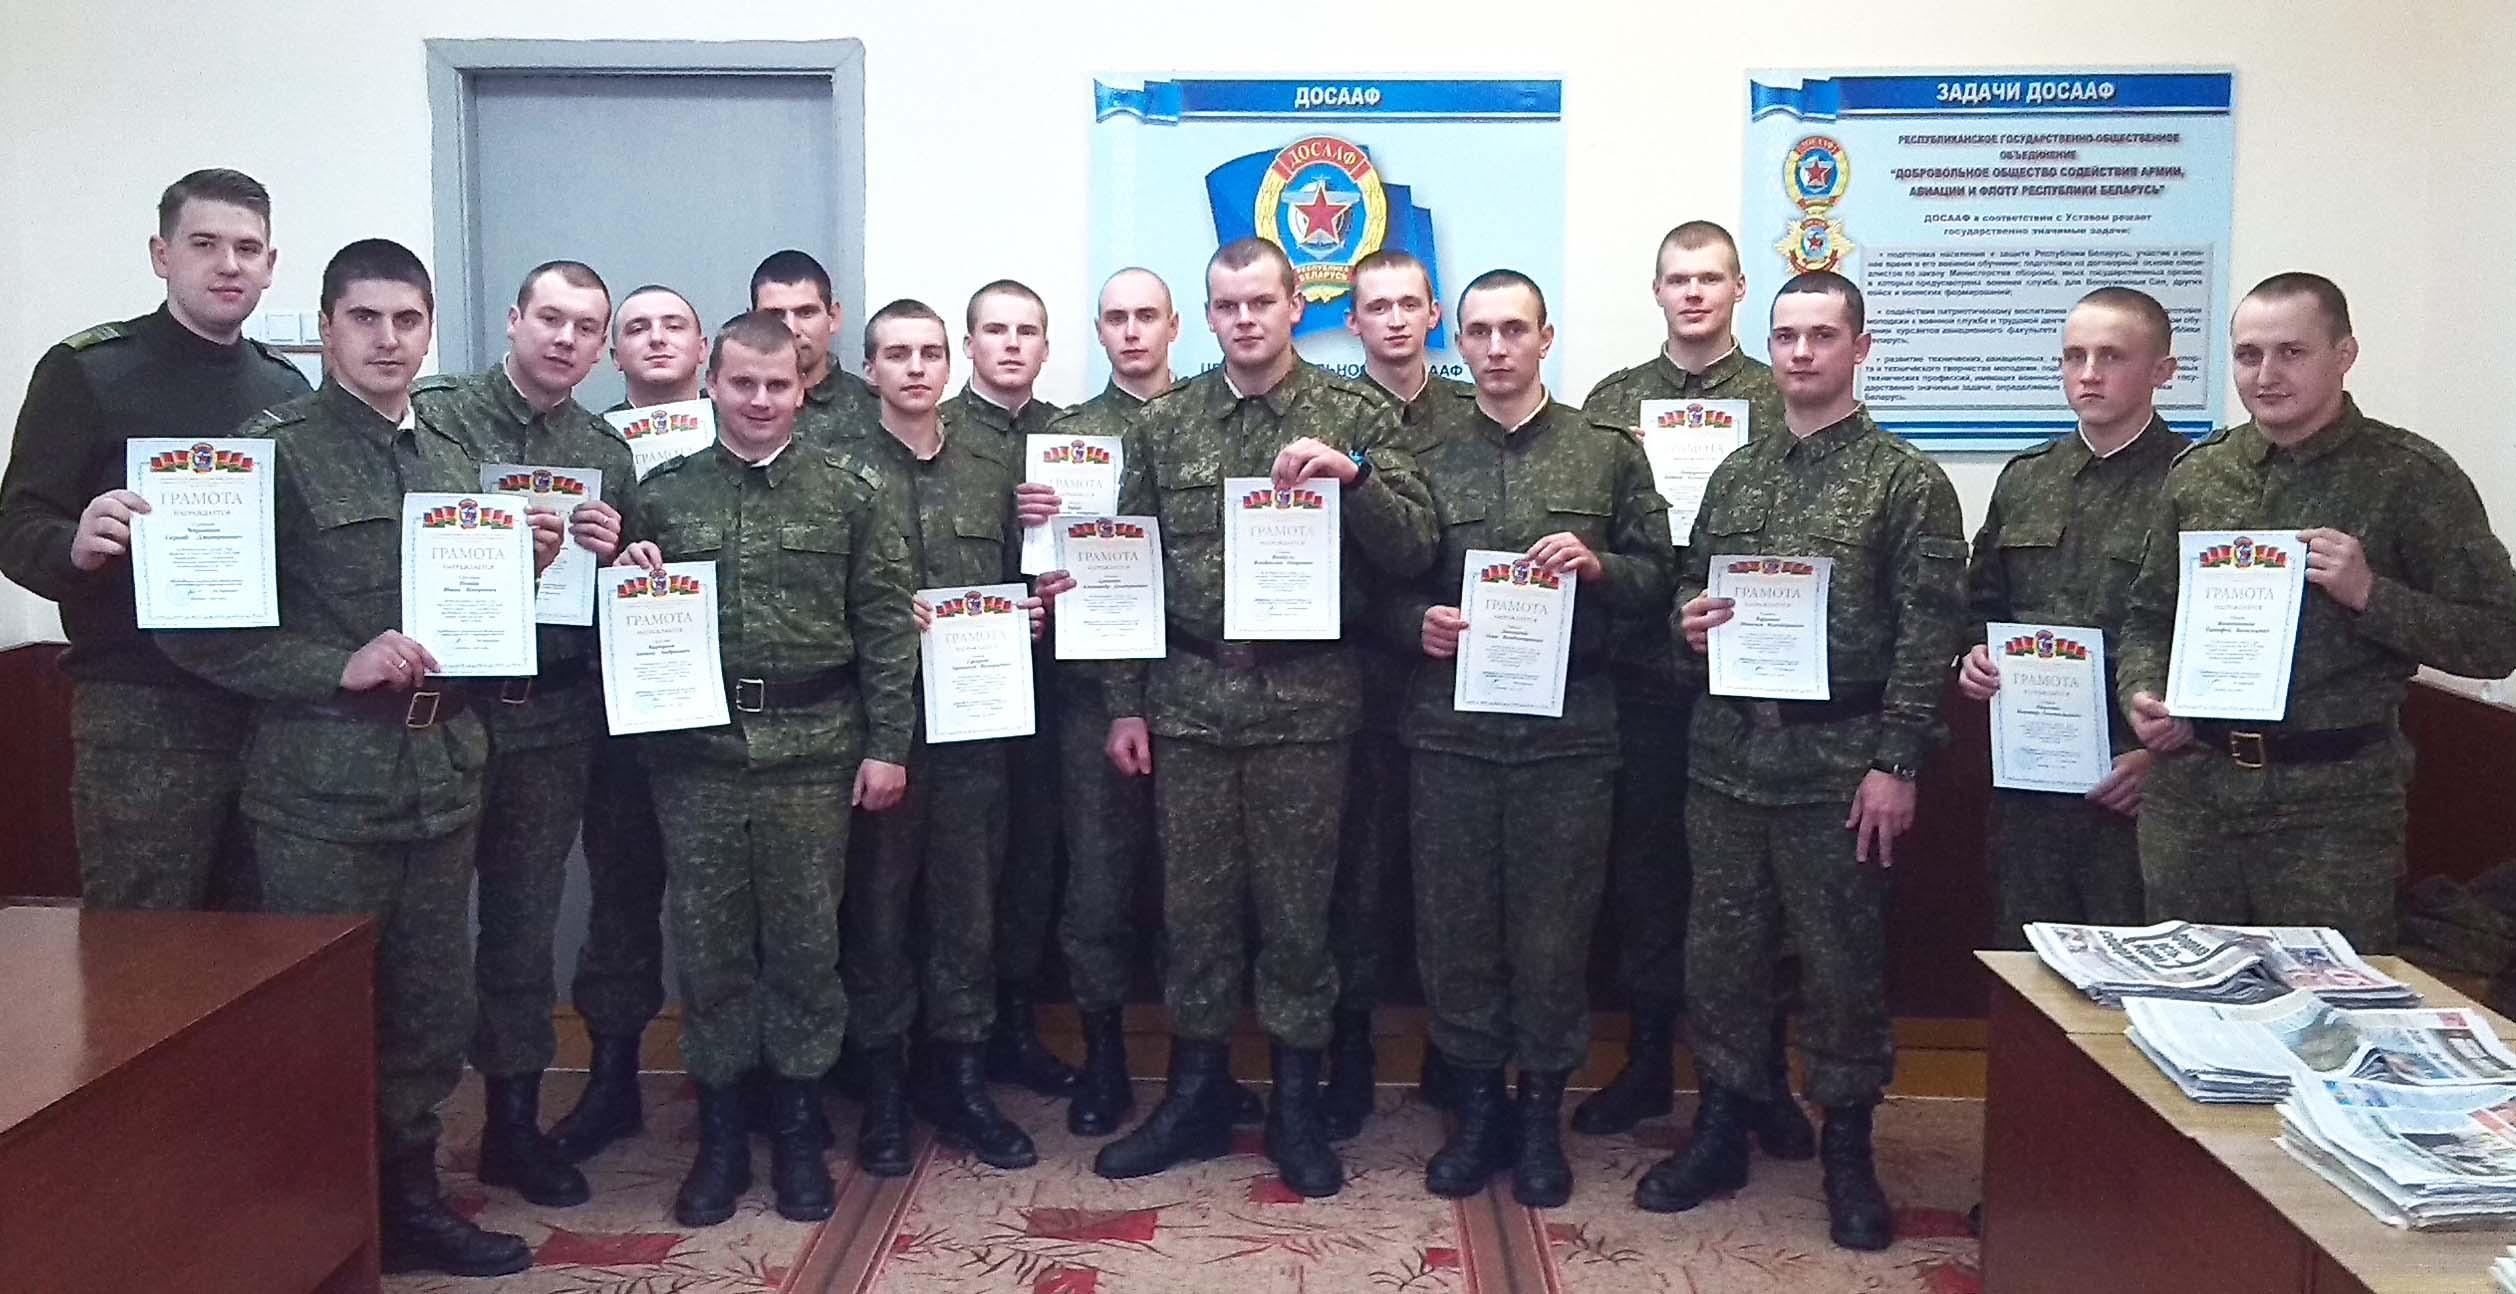 Военнослужащие, недавно завершившие обучение на право управления автобусом, сдали экзамены с первого раза